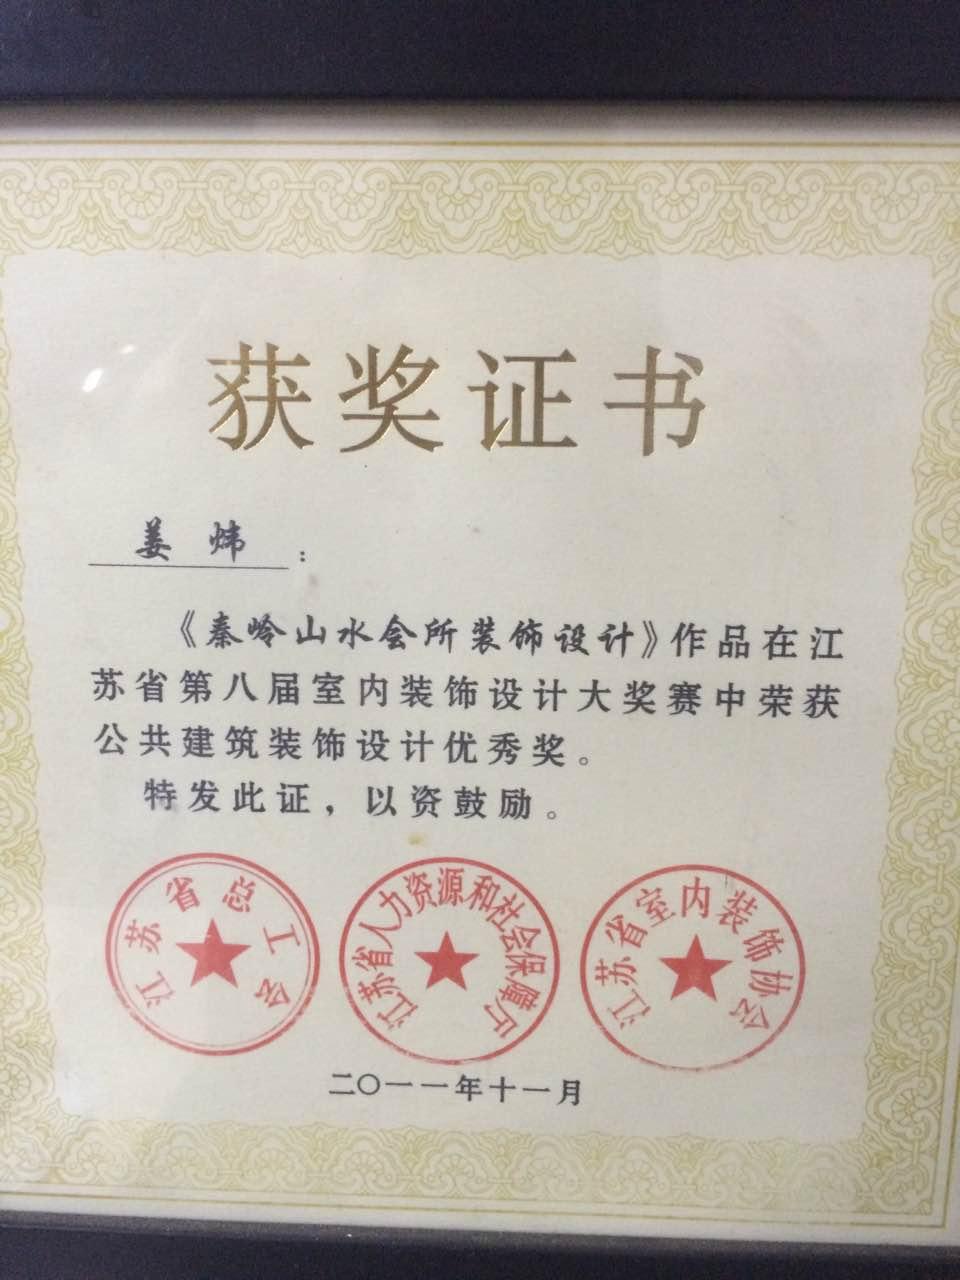 姜炜先生《秦岭山水会所装饰设计》作品在江苏省第八届室内装饰设计图片